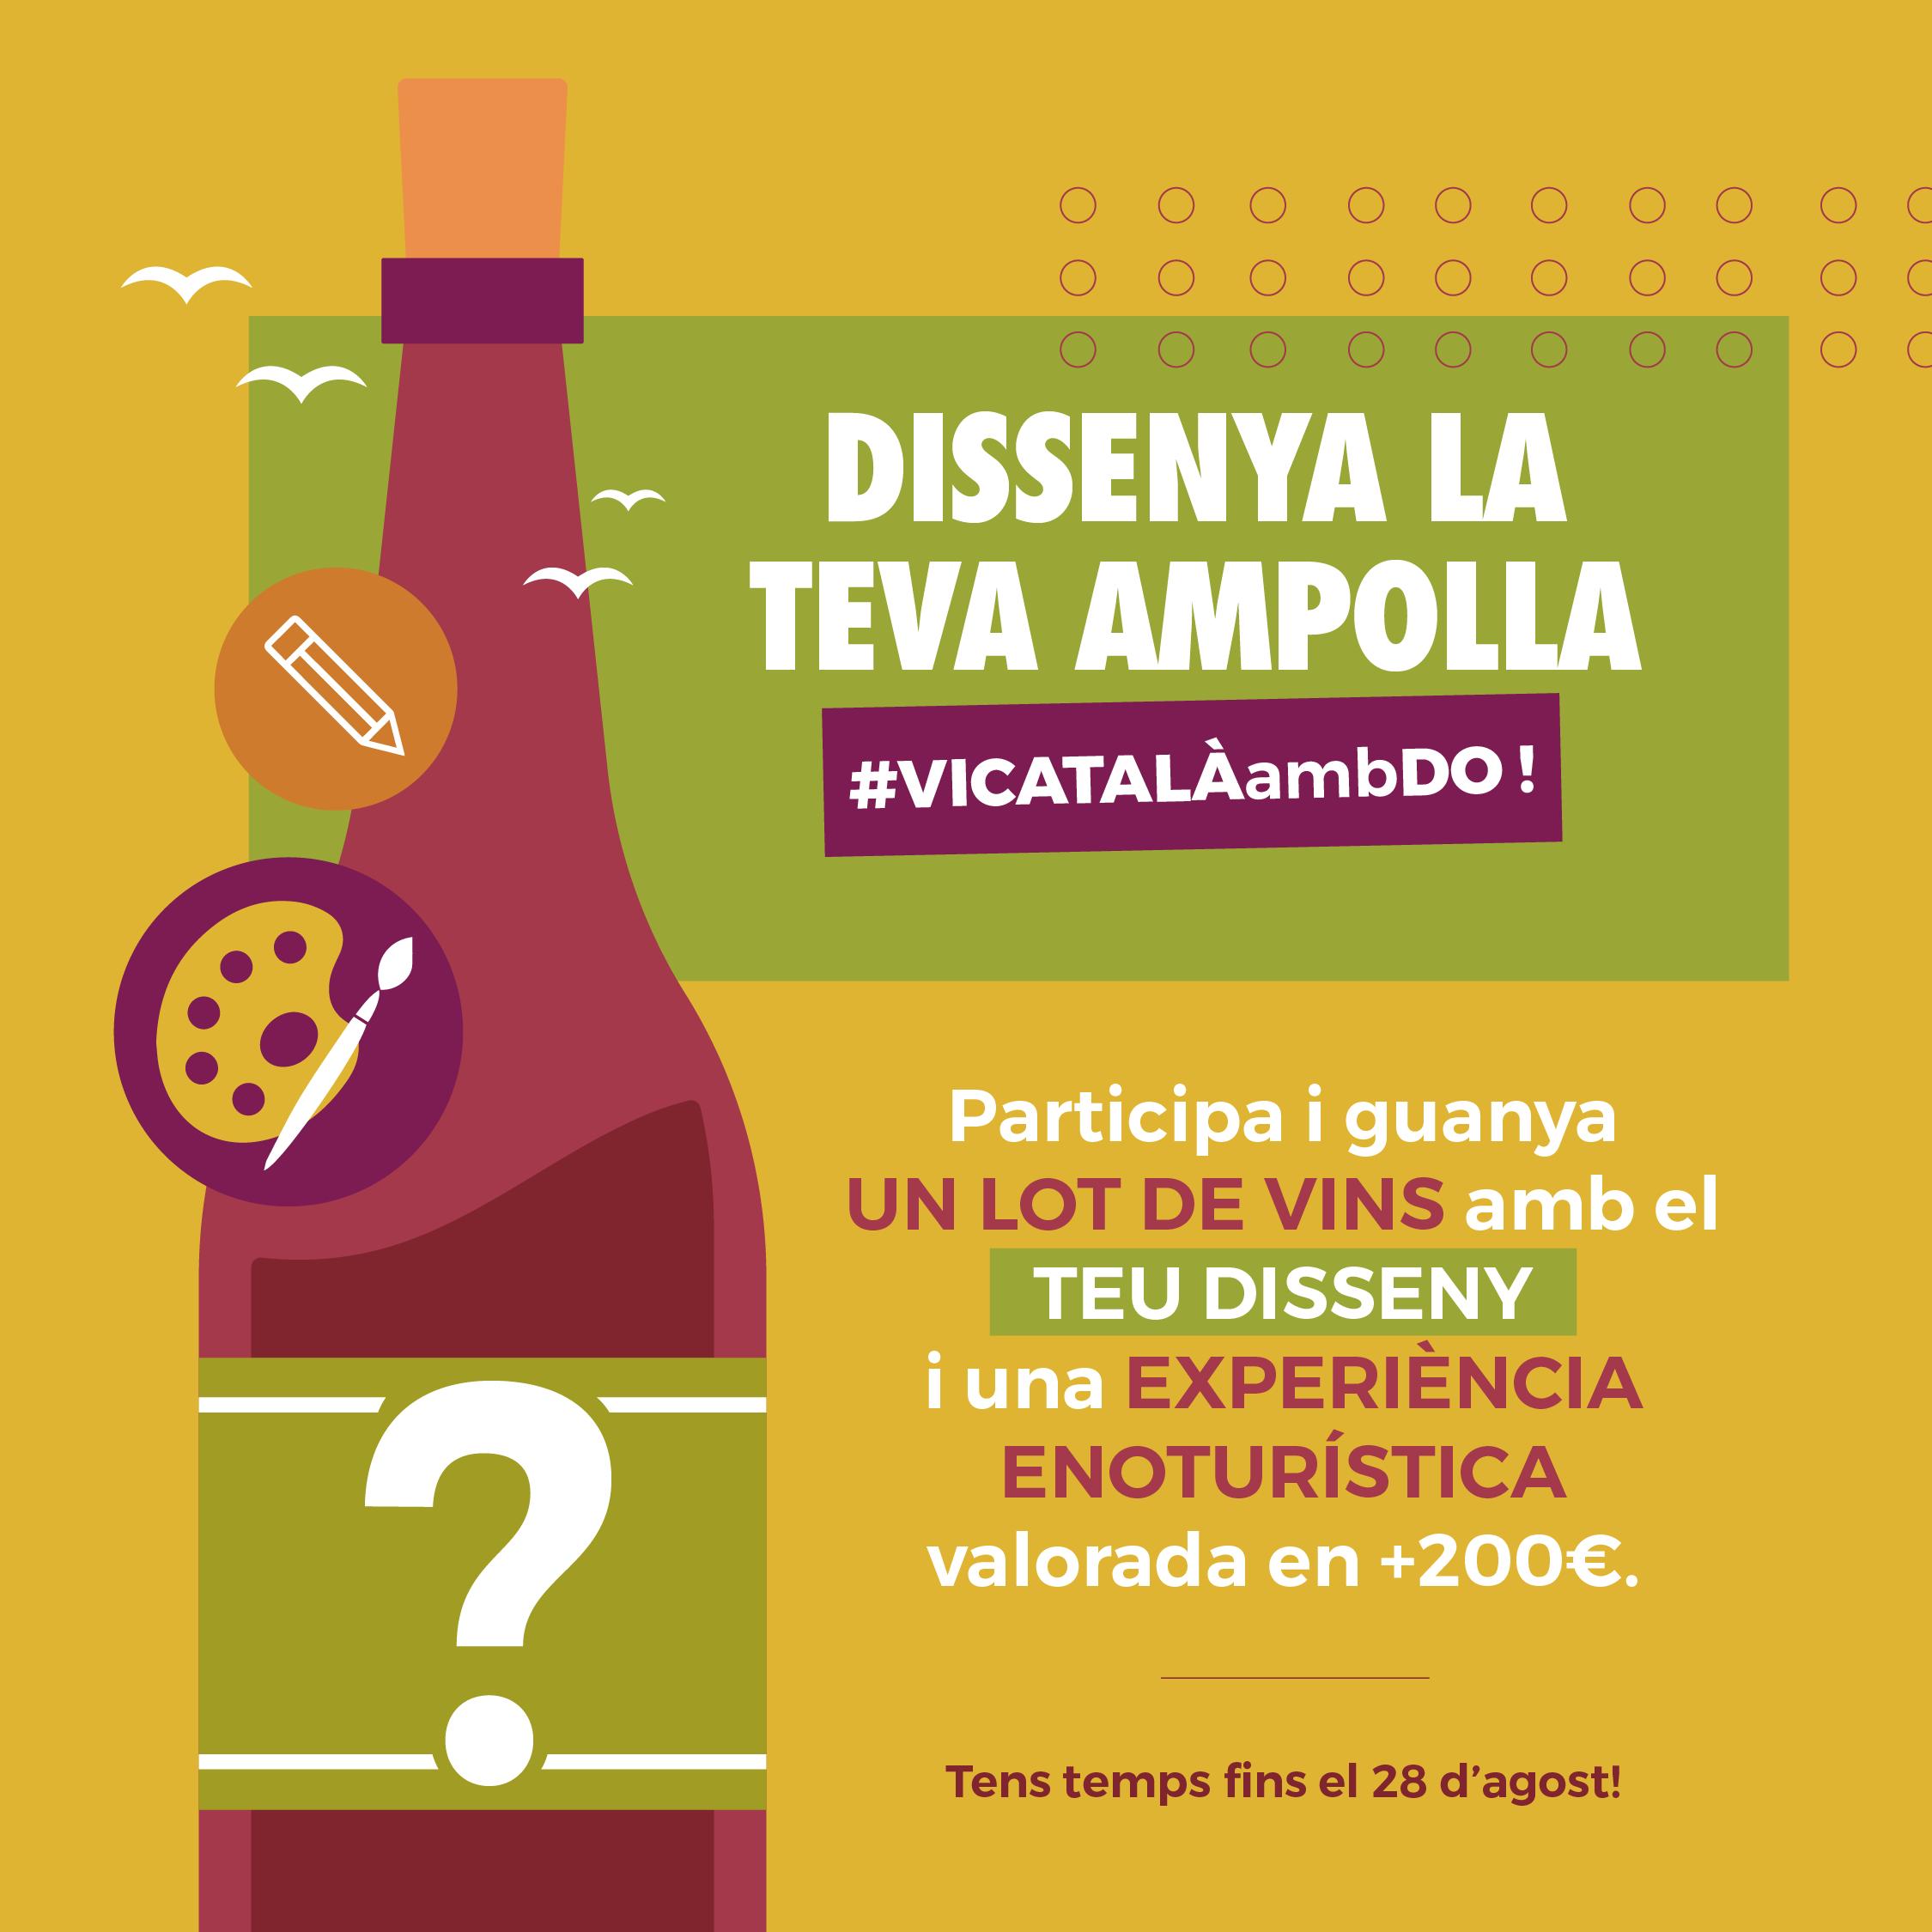 """La campanya """"Gaudeix del que és bo"""" organitza un concurs estival per dissenyar etiquetes de vi"""